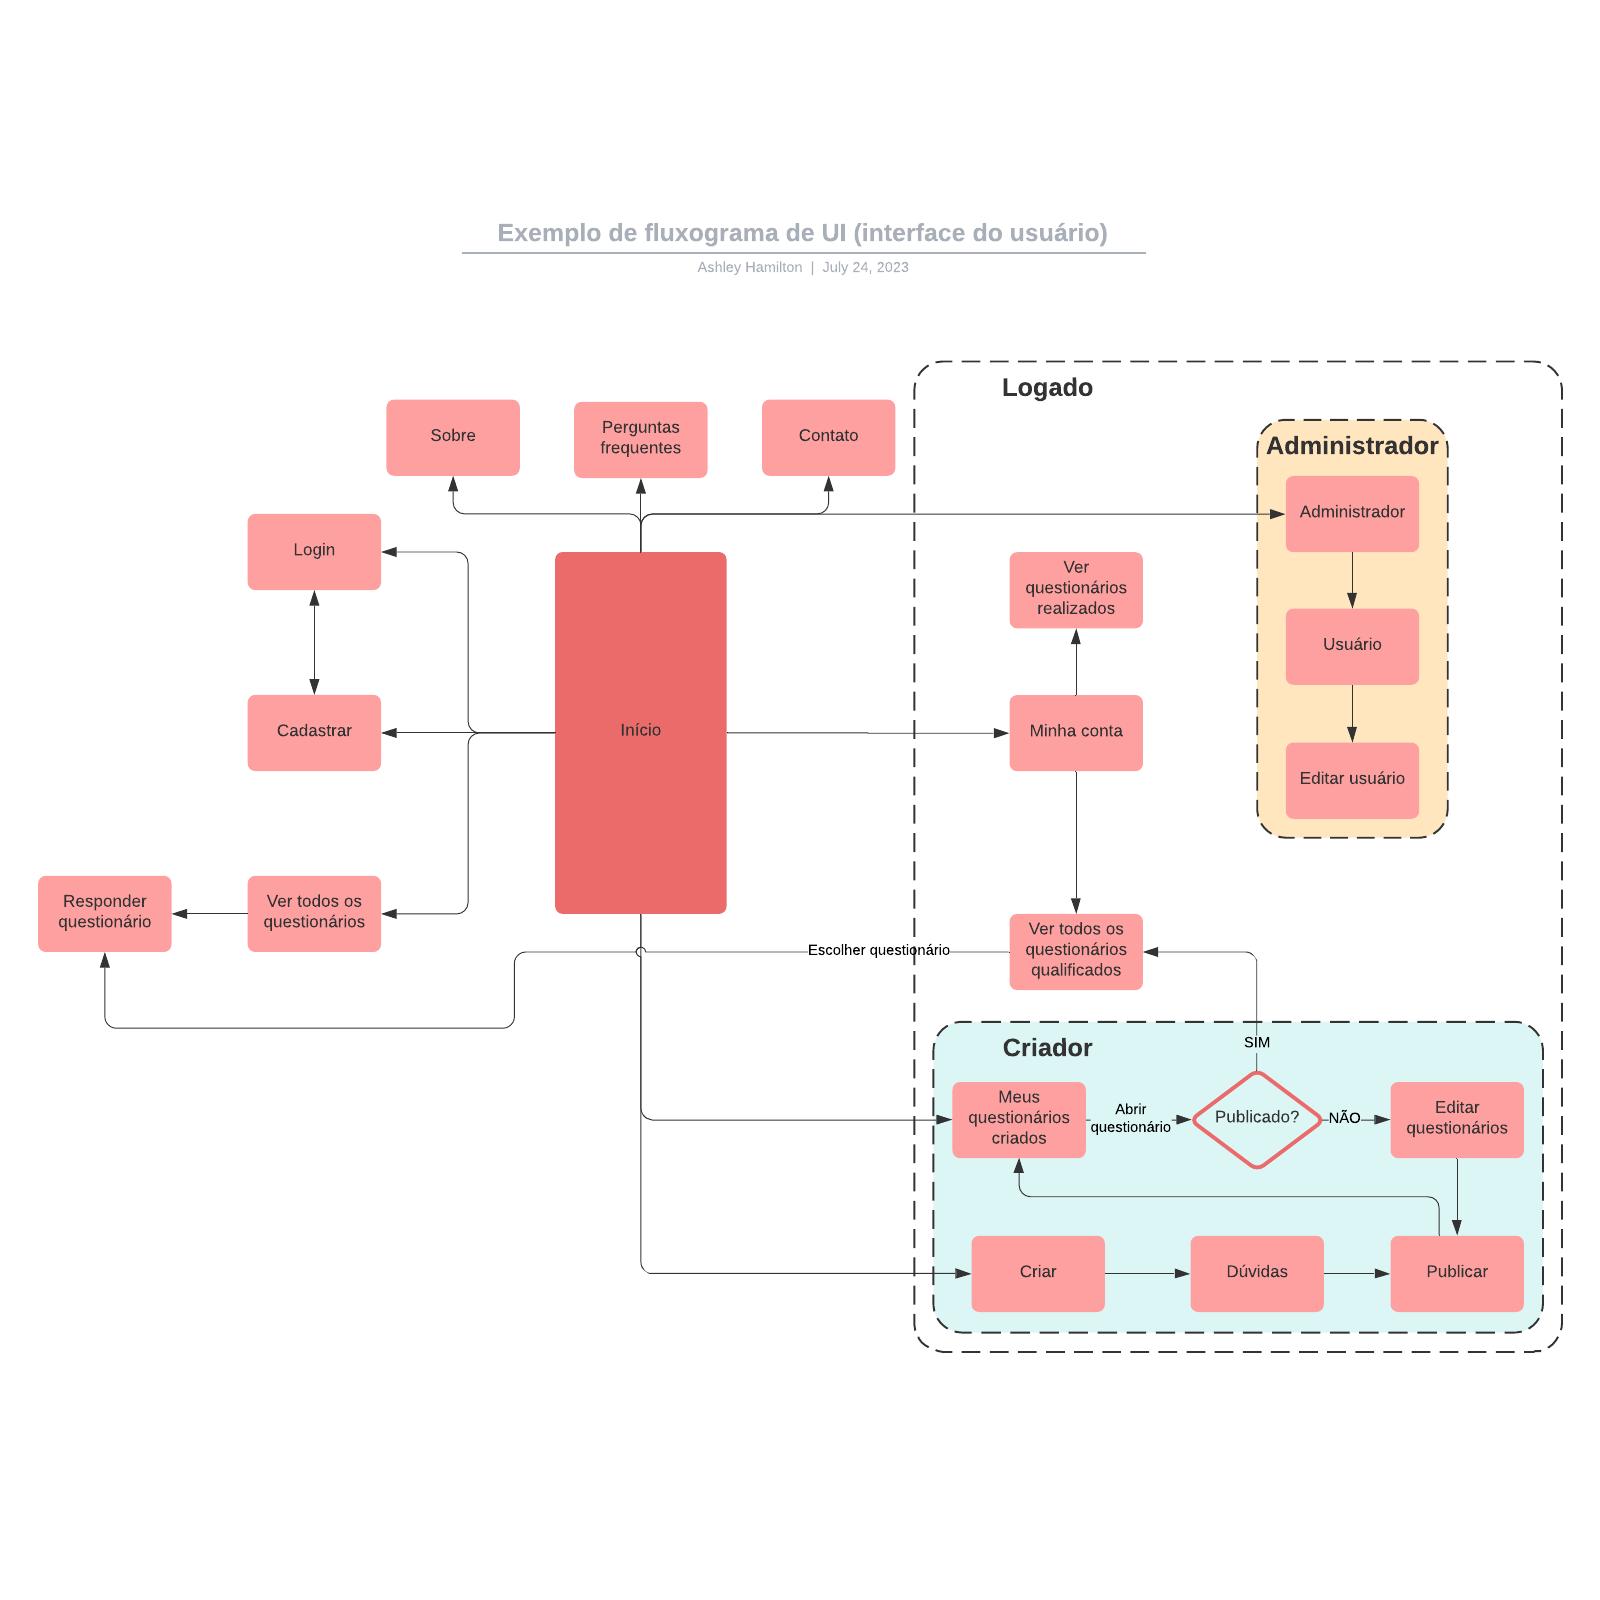 Exemplo de fluxograma de UI (interface do usuário)